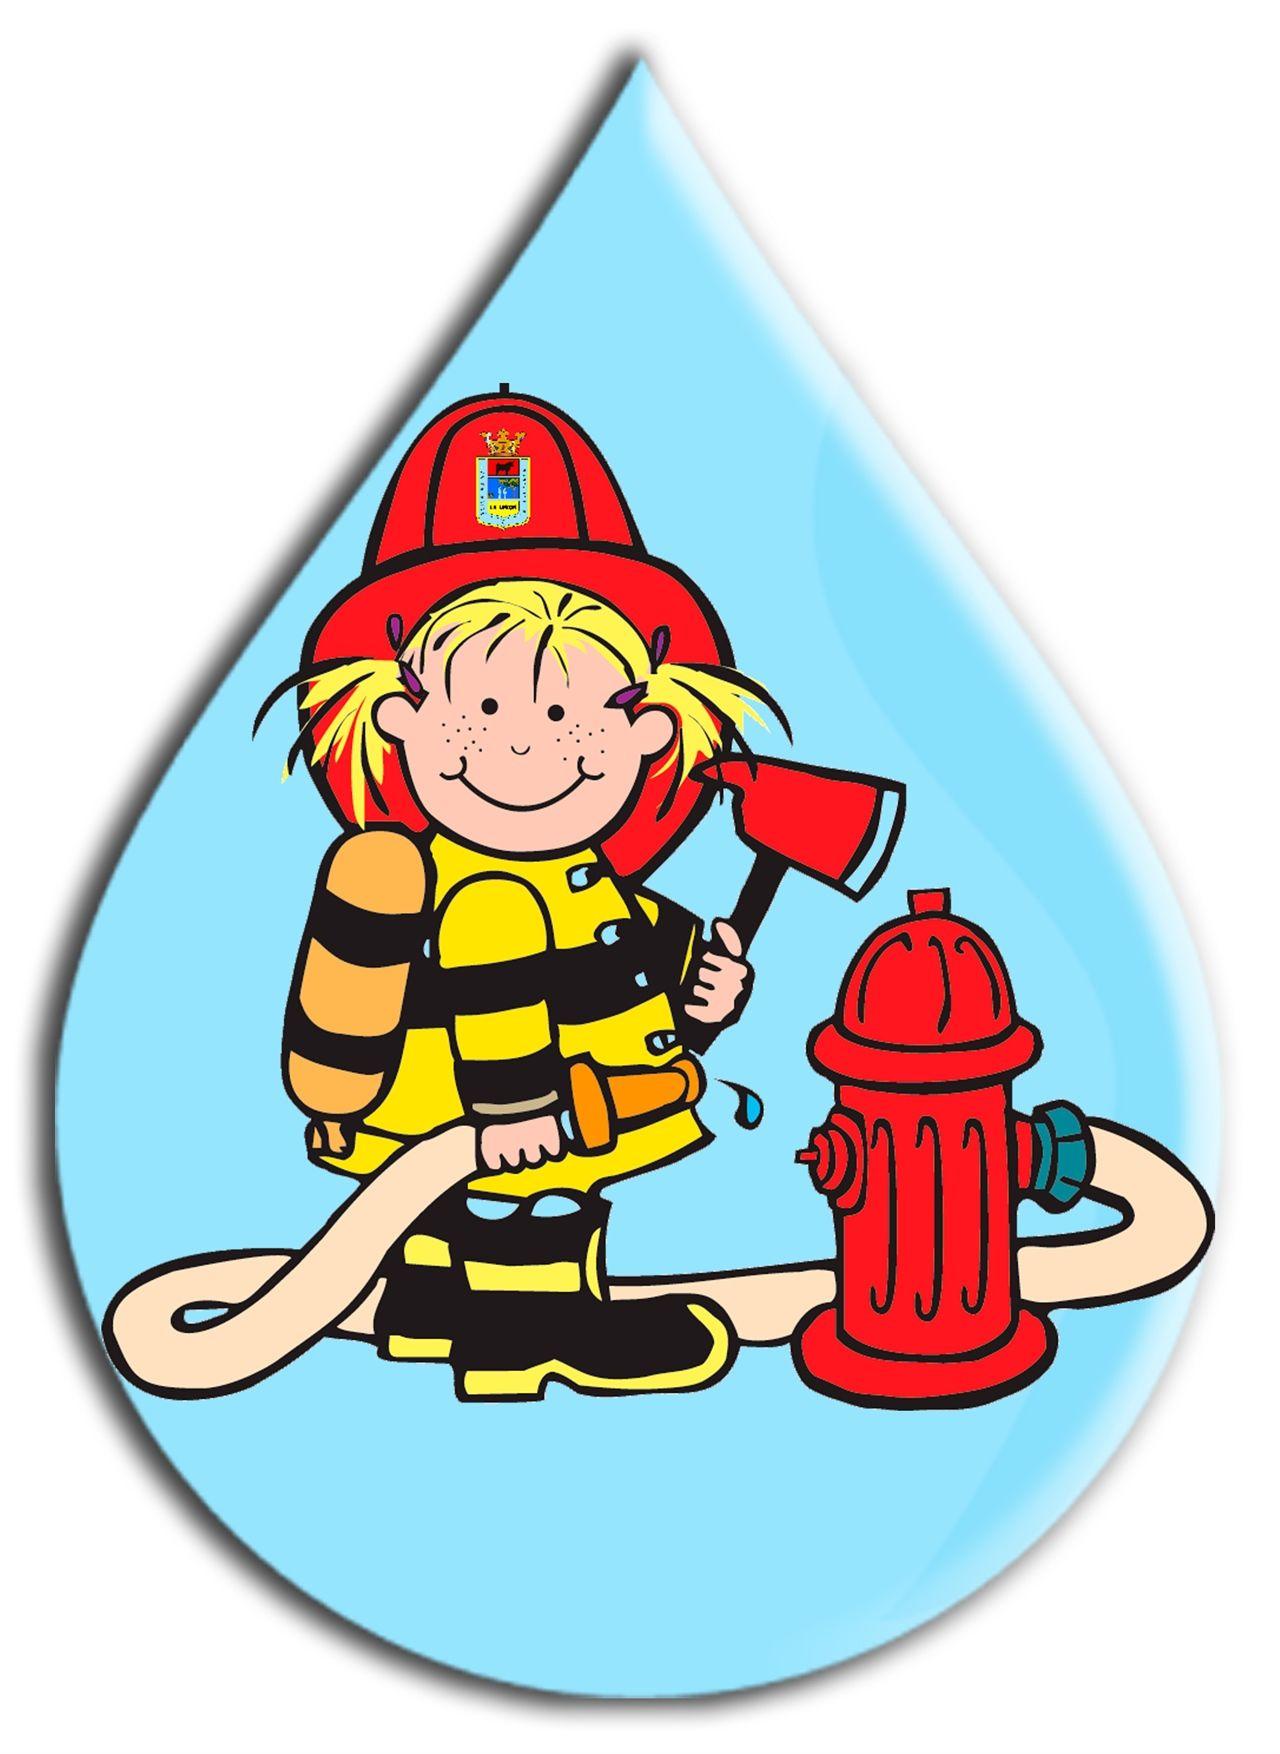 Смешные картинки пожарные в дет садик, иллюстрации открыткам стойки